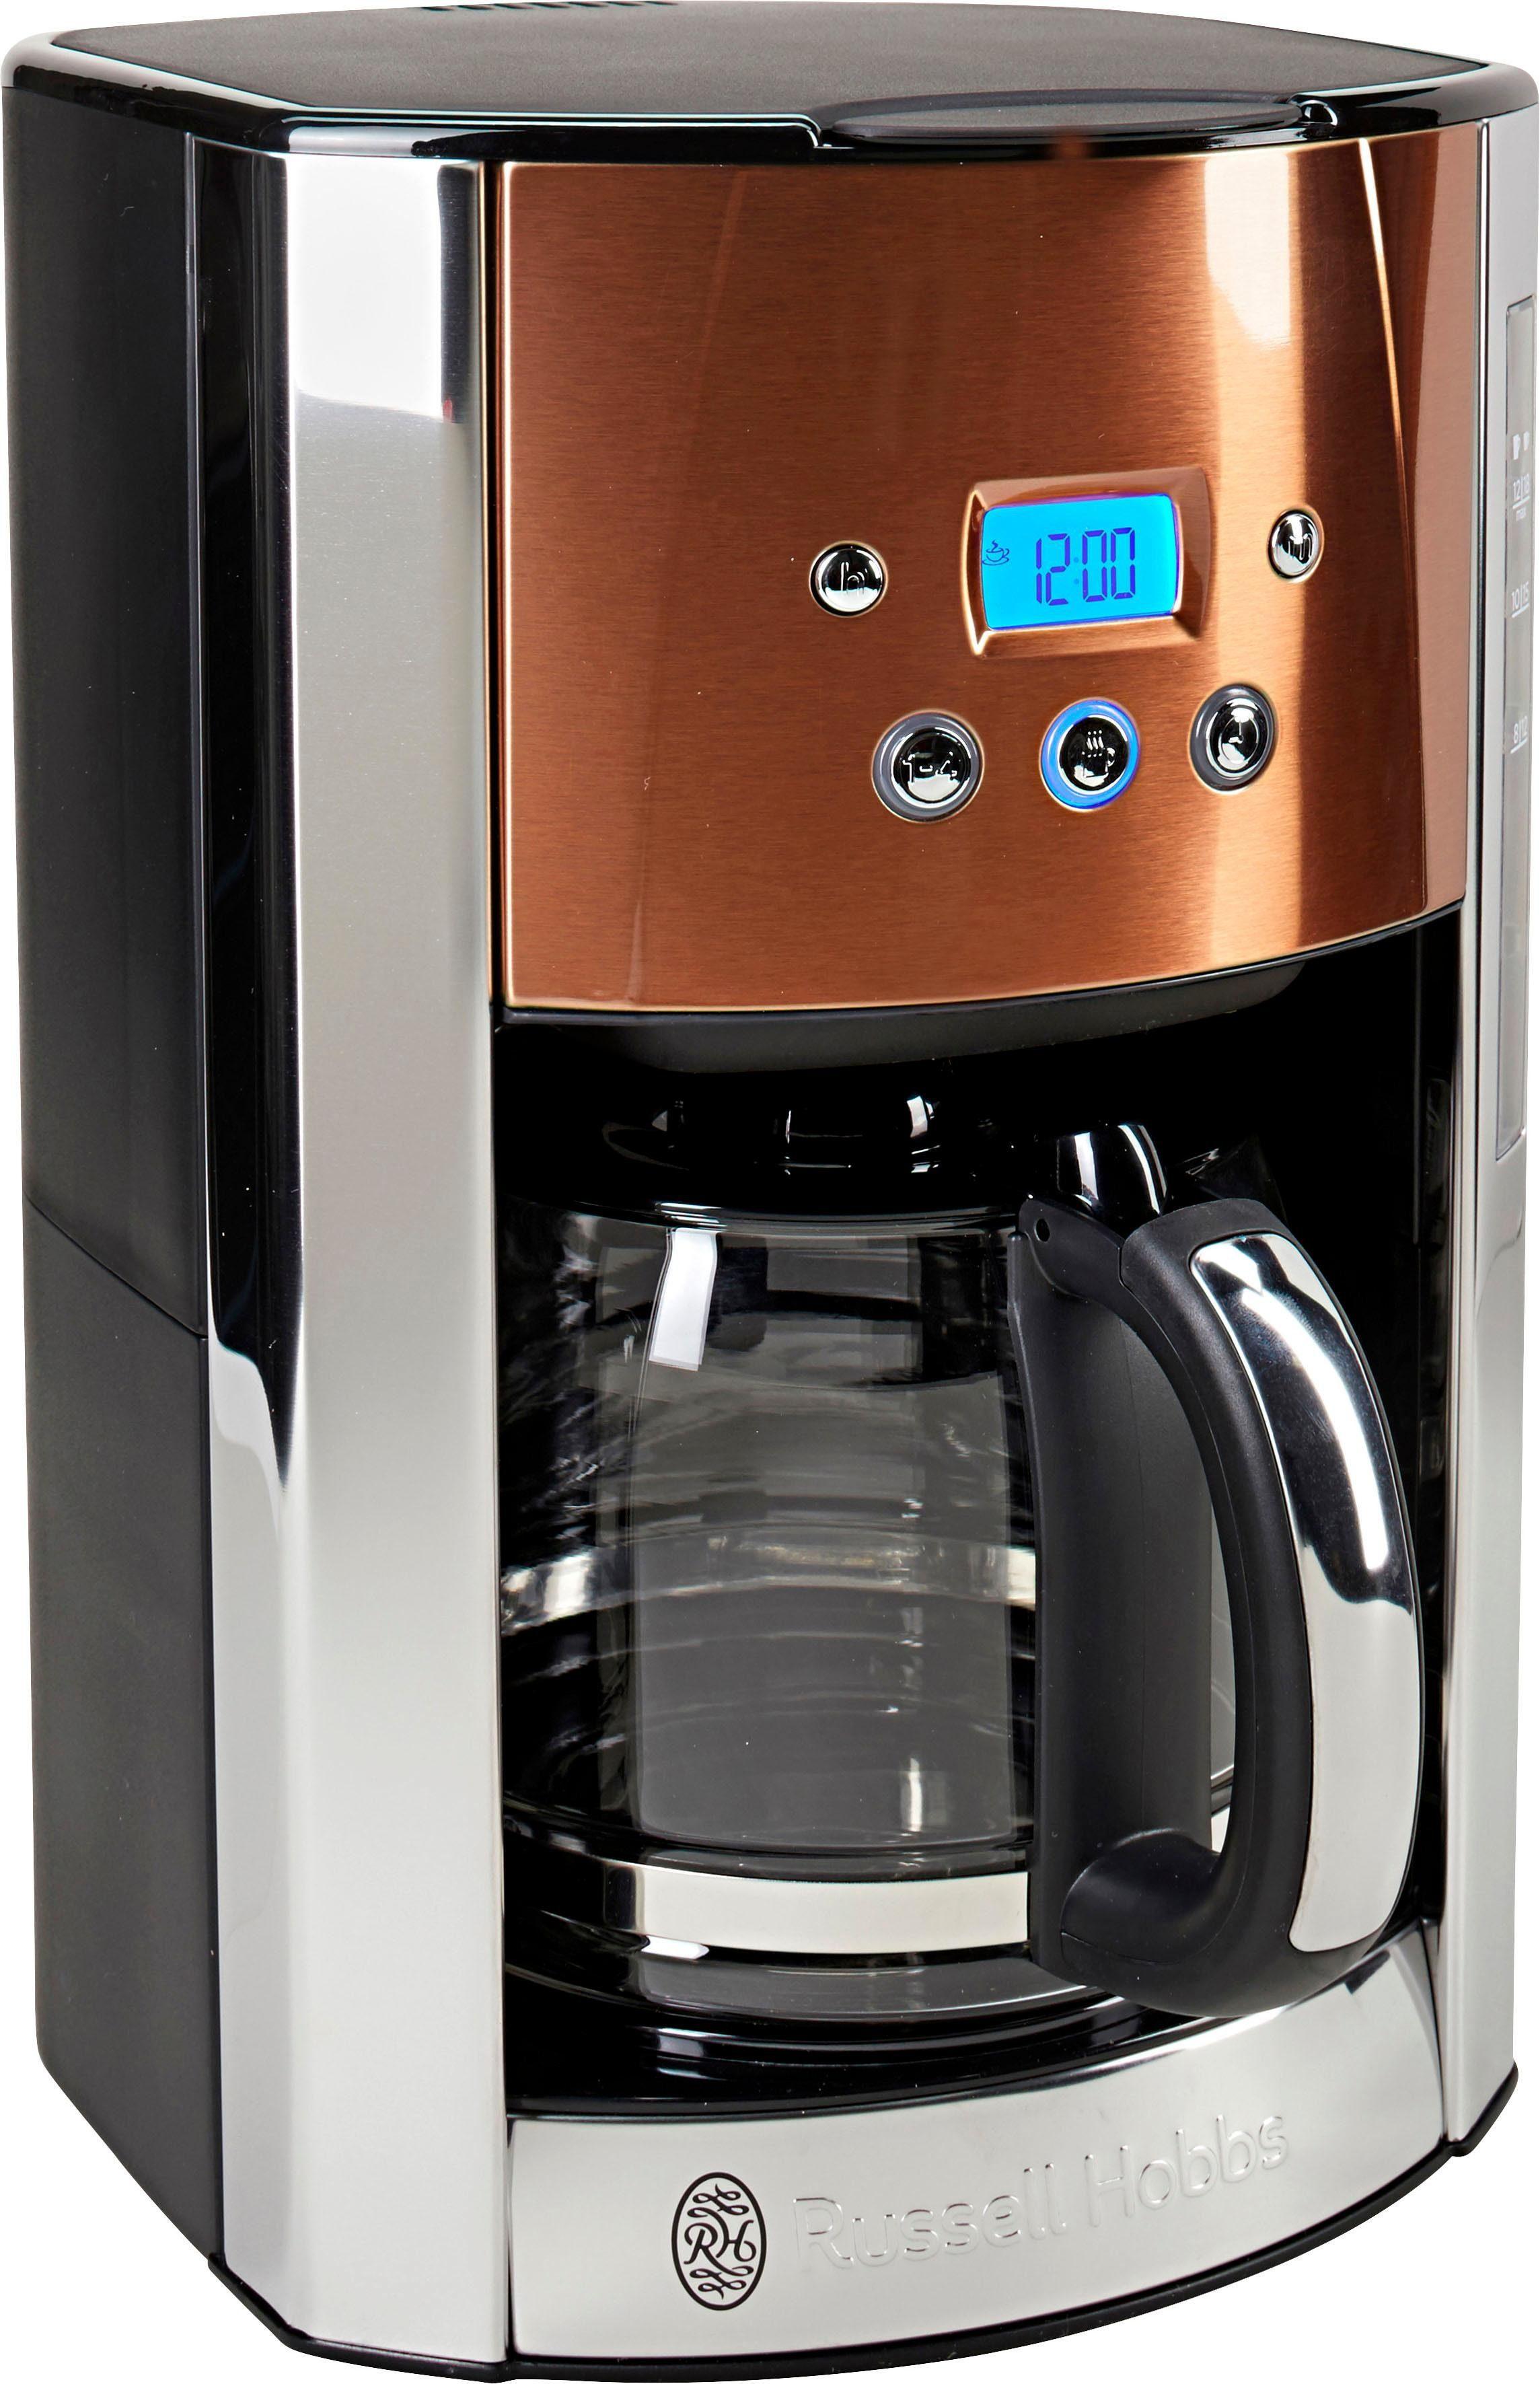 RUSSELL HOBBS Filterkaffeemaschine Luna Copper Accents 24320-56, 1,5l Kaffeekanne, Papierfilter 1x4, fingerabdruckresistenter Lackierung